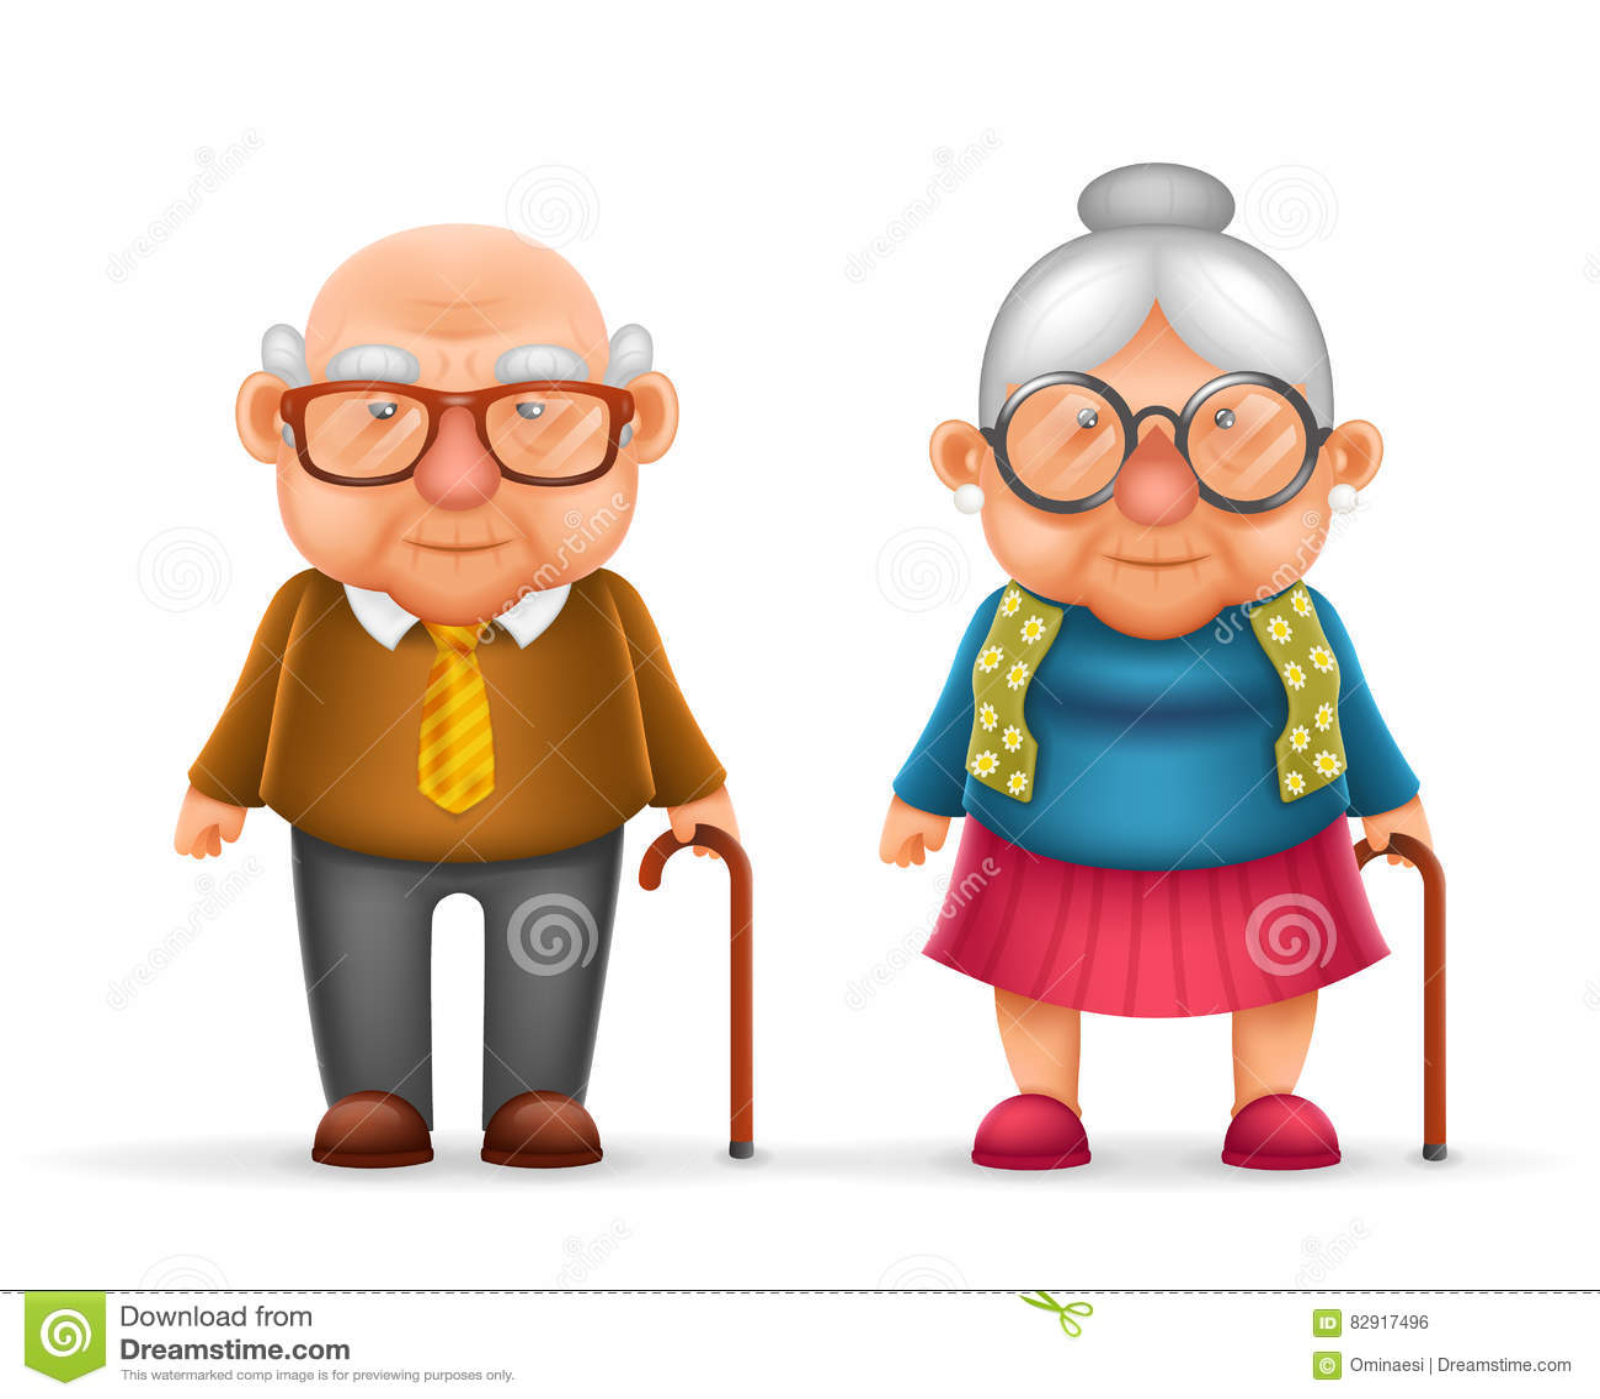 3d cartoon granny pics pron movies